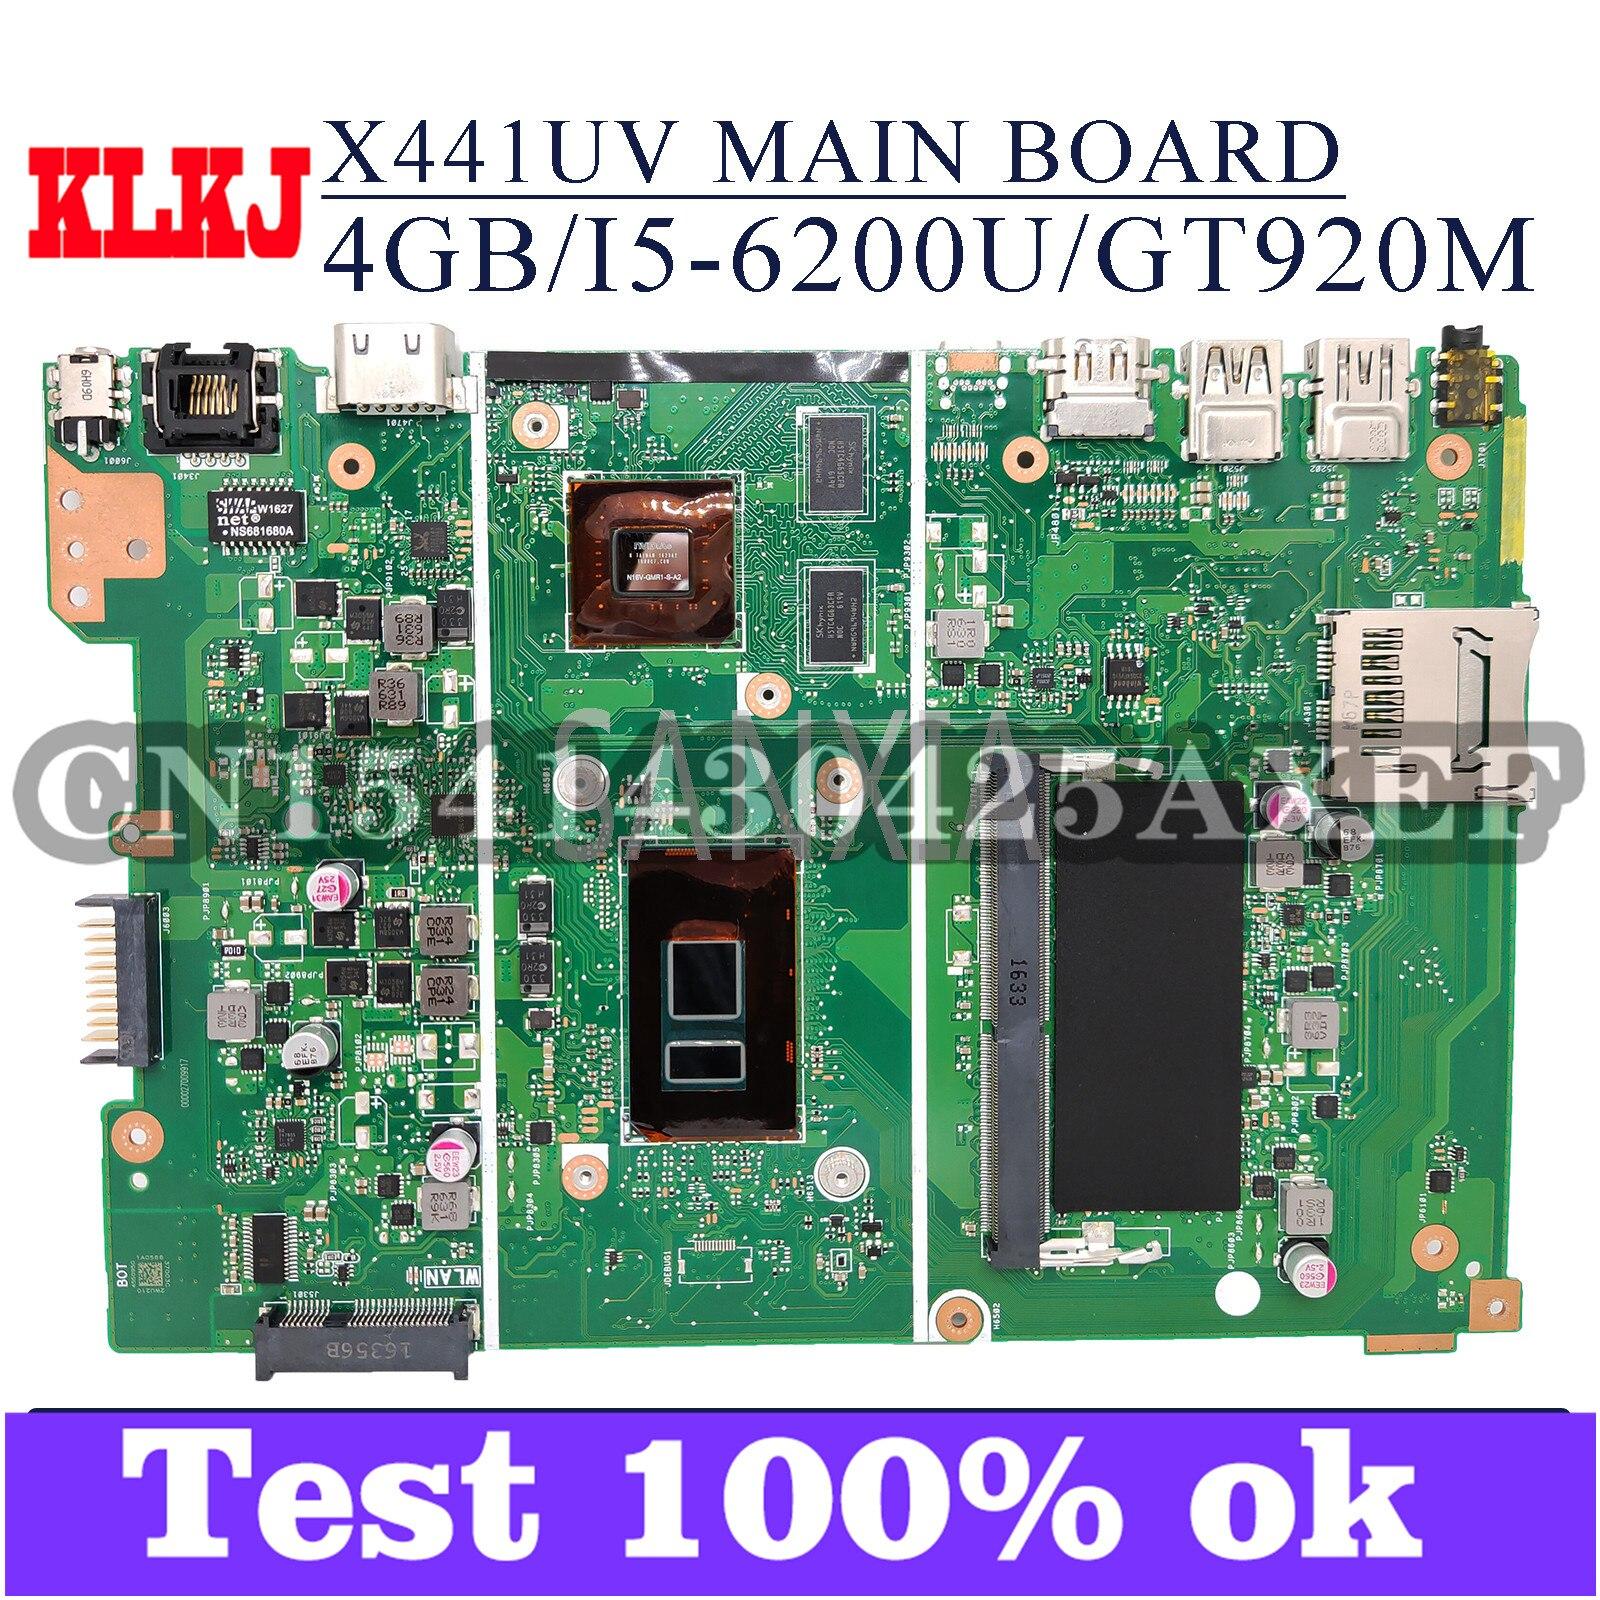 KLKJ X441UV اللوحة الأم لأجهزة الكمبيوتر المحمول ASUS VivoBook Max A441U A441UV اللوحة الرئيسية الأصلية 4GB-RAM I5-6200U/6198DU GT920M